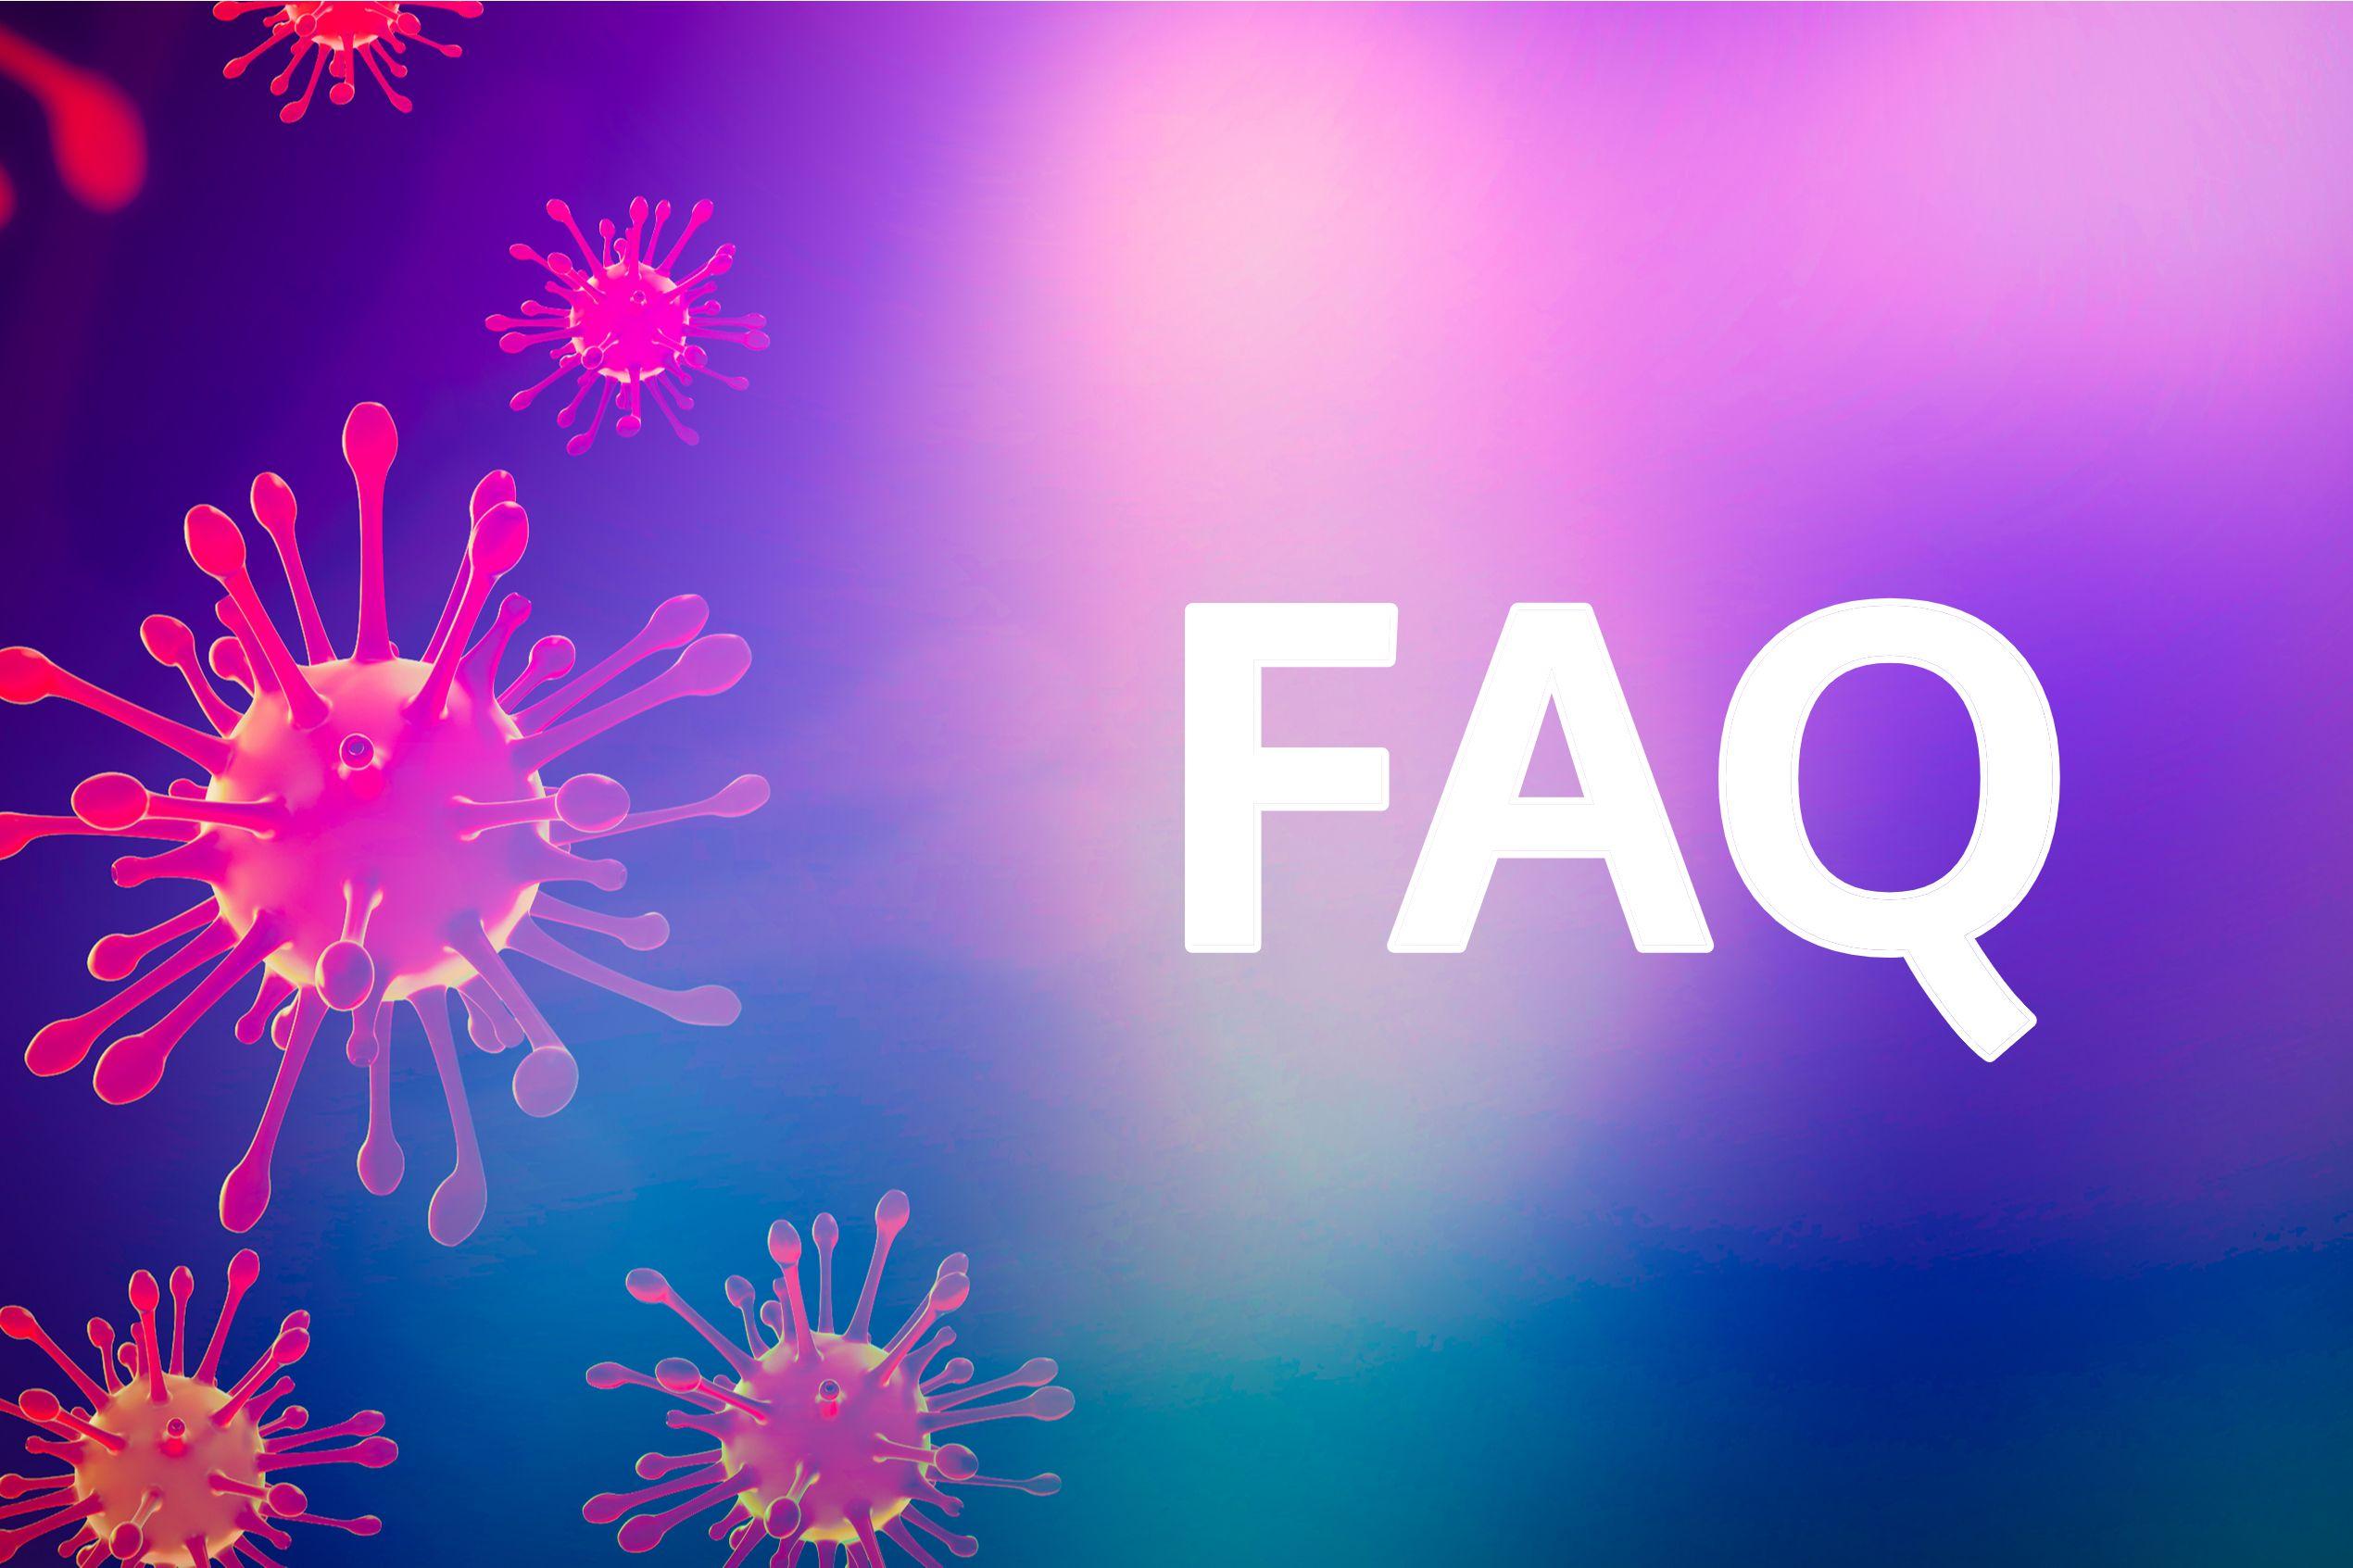 Odpovědi na nejčastější dotazy podnikatelů ohledně aktuálních opatření proti šíření koronaviru